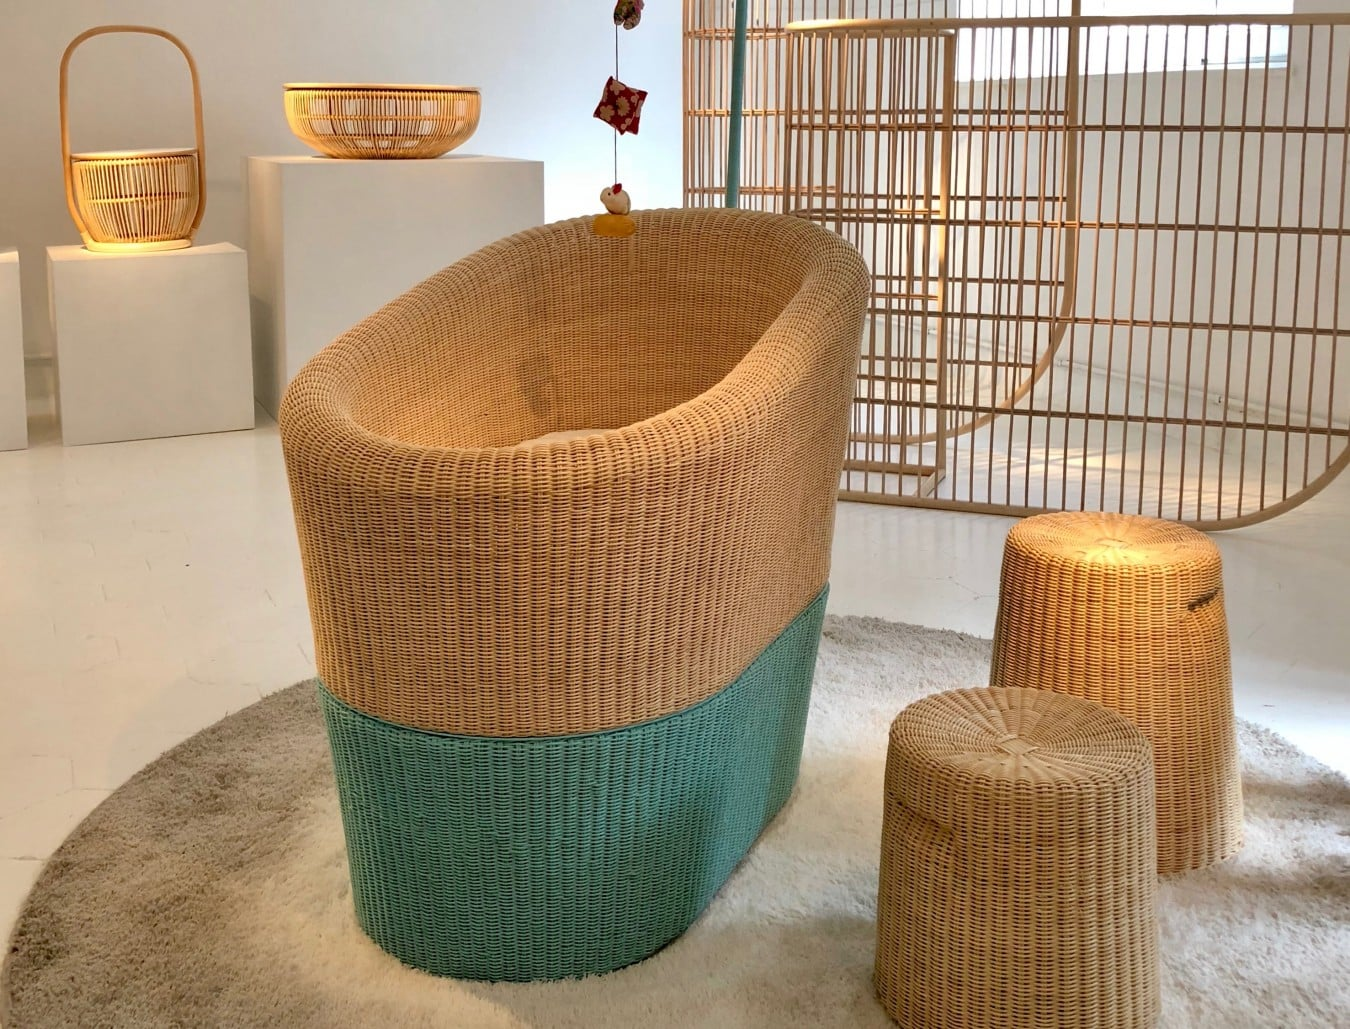 Galeria Rossana Orlandi - Design Week Milão 2018 por Diogo Viana